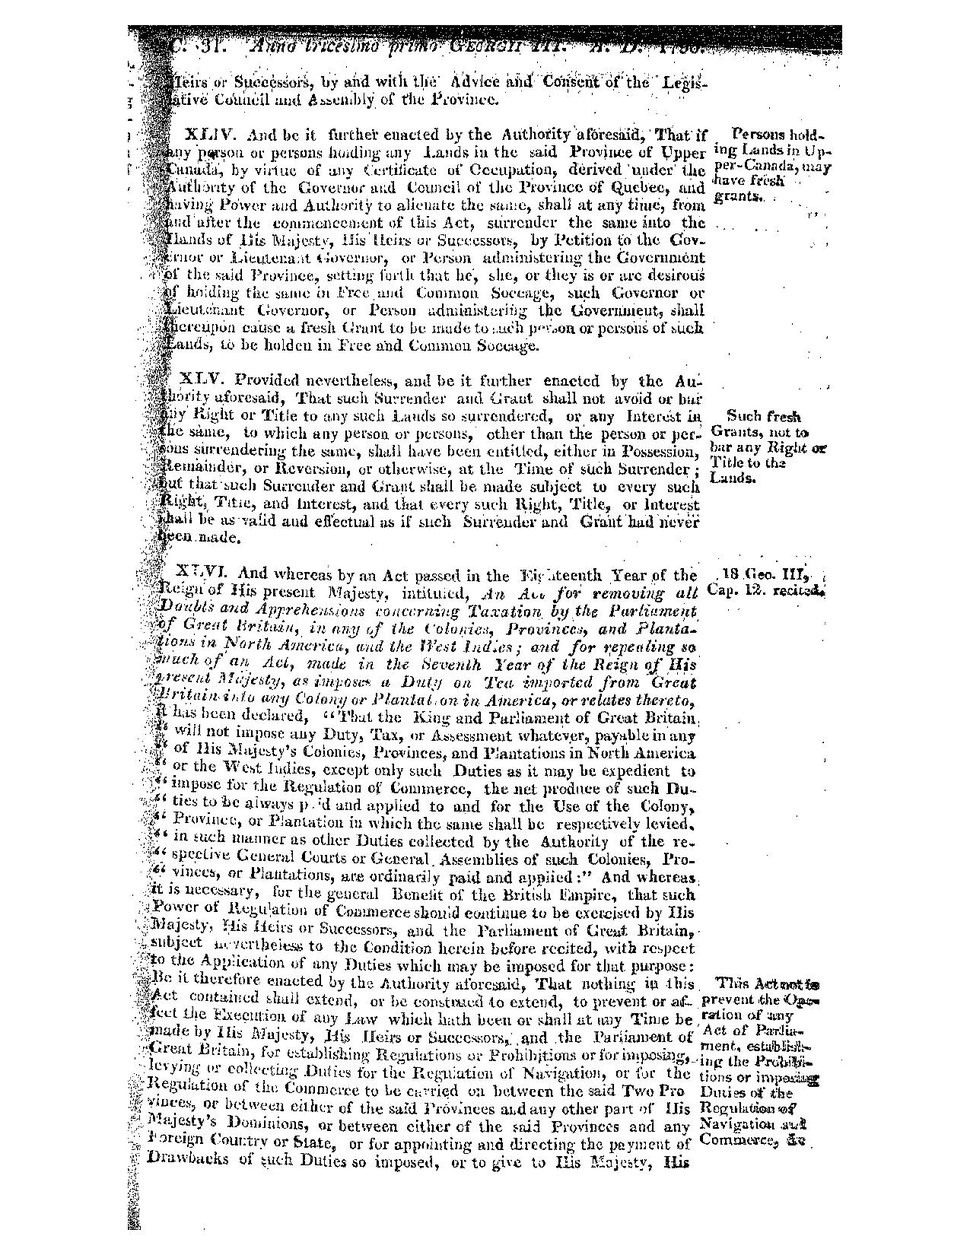 Constitutional Act 1791.pdf